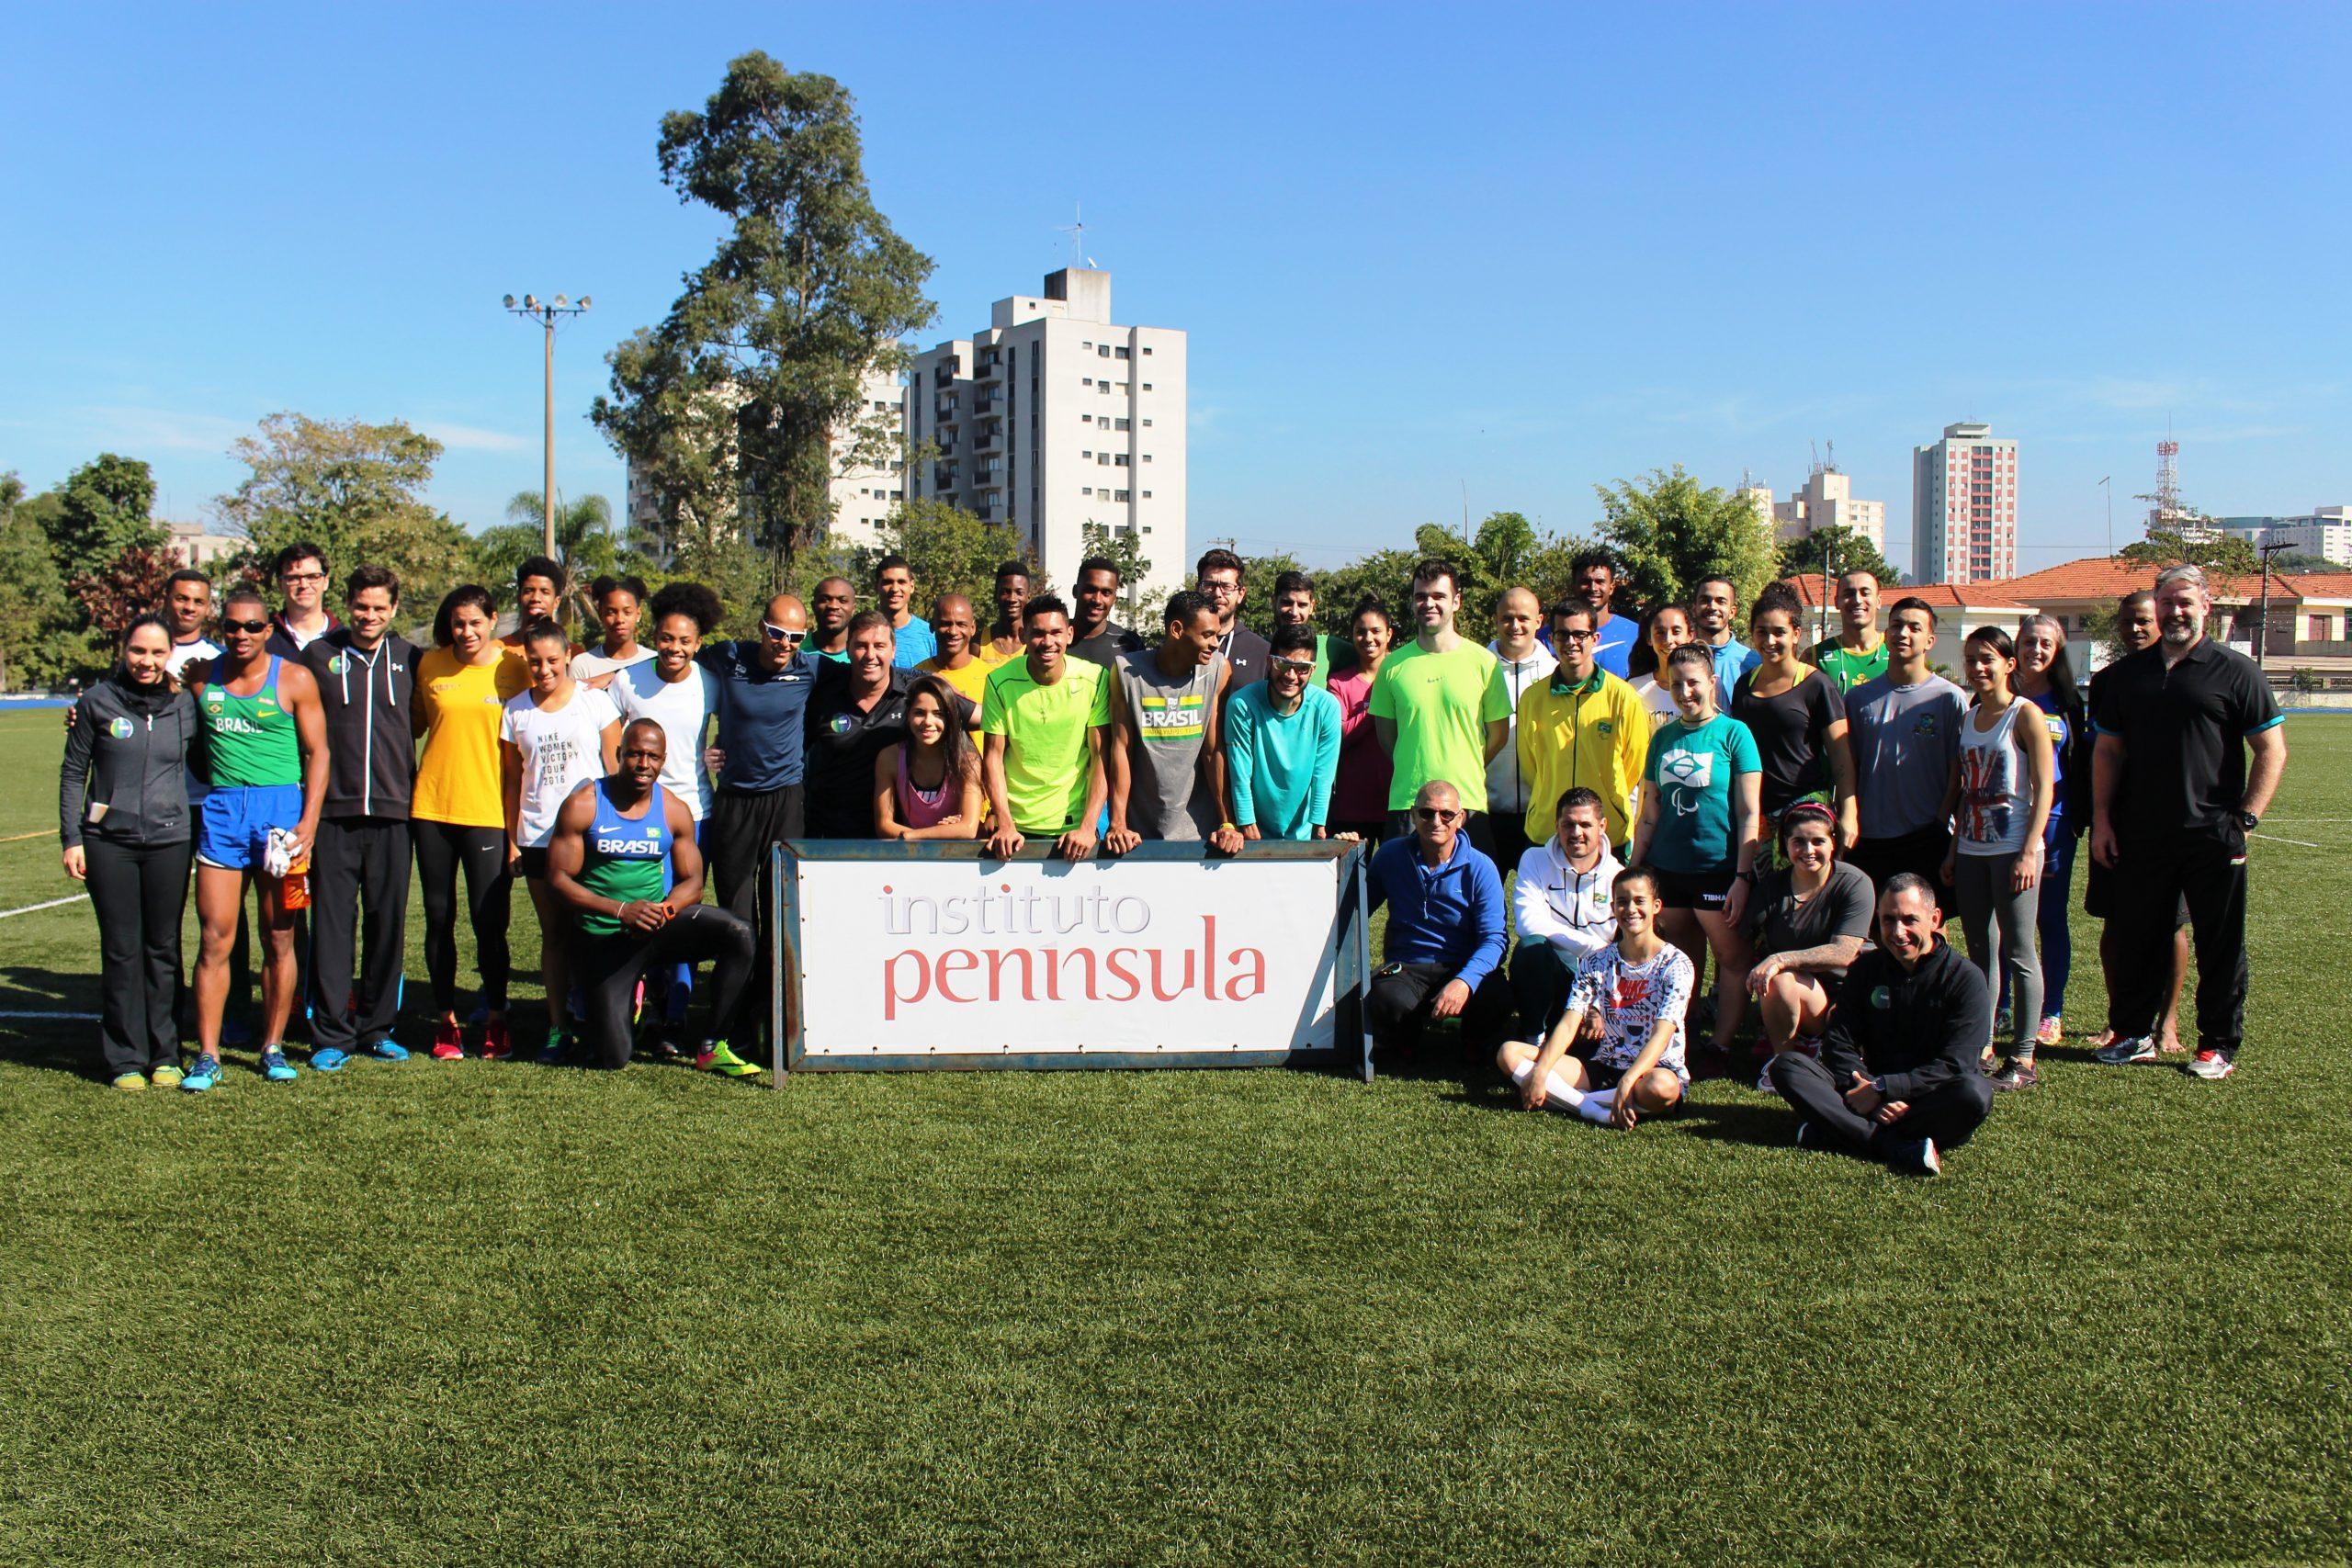 Com a presença de medalhistas paralímpicos, NAR-SP recebe atletas da seleção de tênis de mesa paralímpico